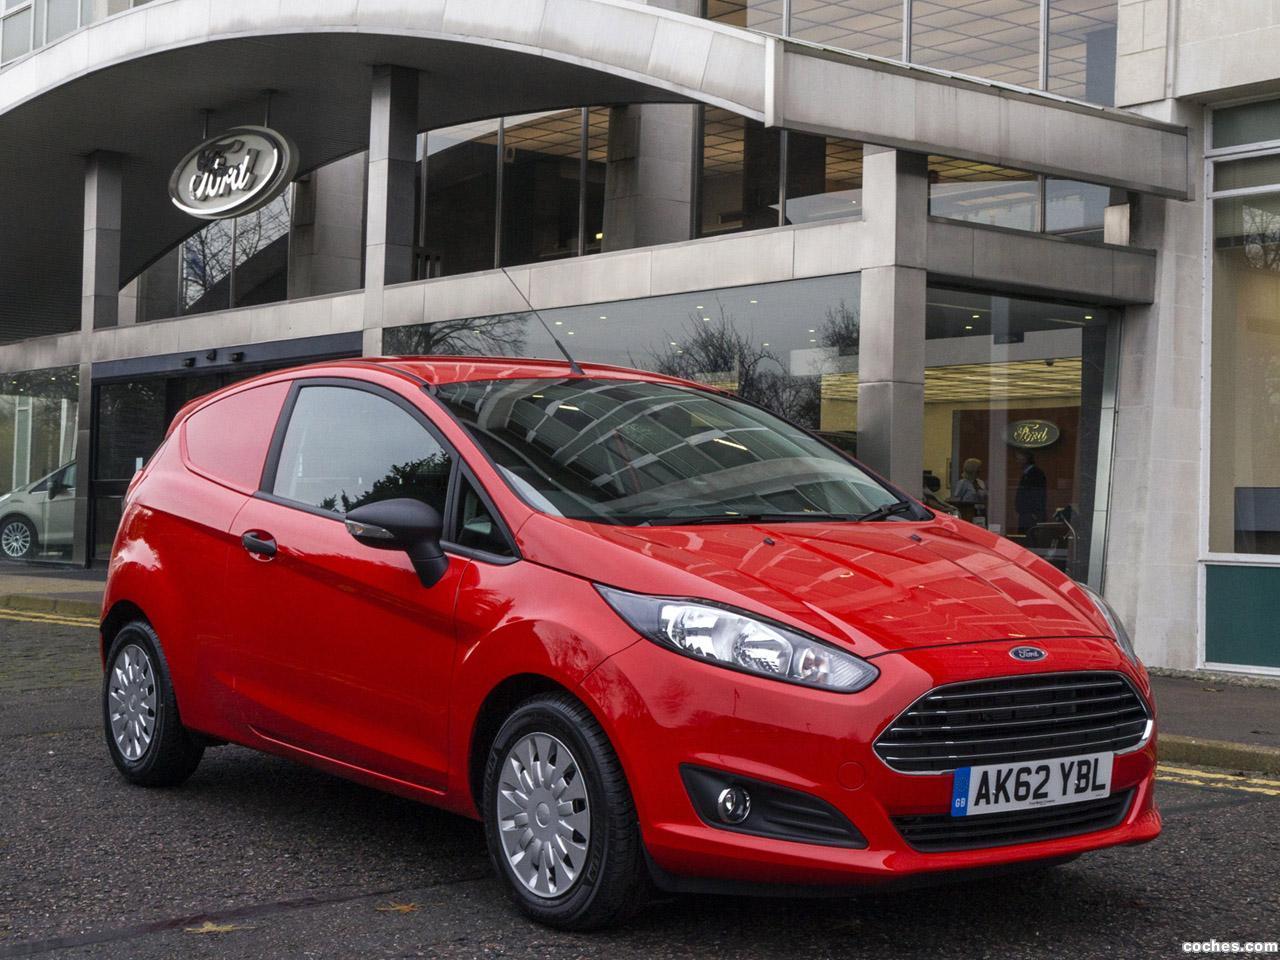 Foto 0 de Ford Fiesta Van UK 2012